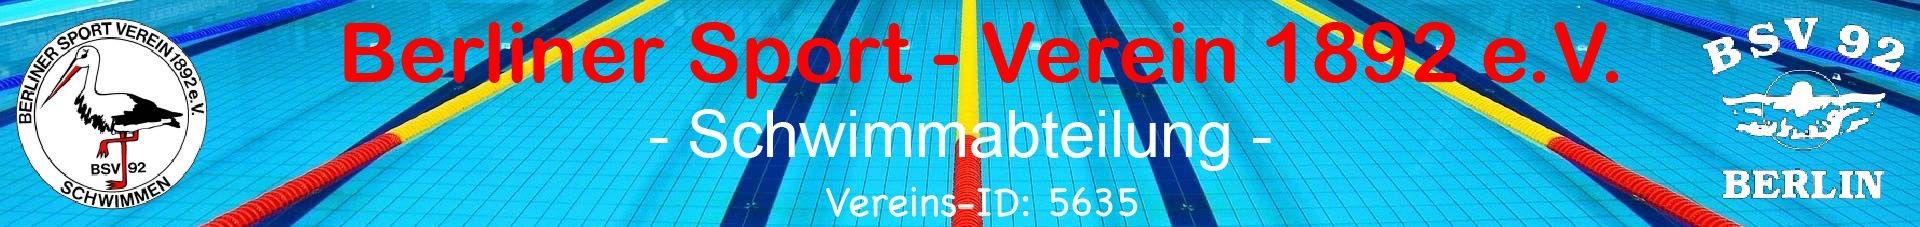 Berliner Sport-Verein 1892 e.V - Schwimmabteilung